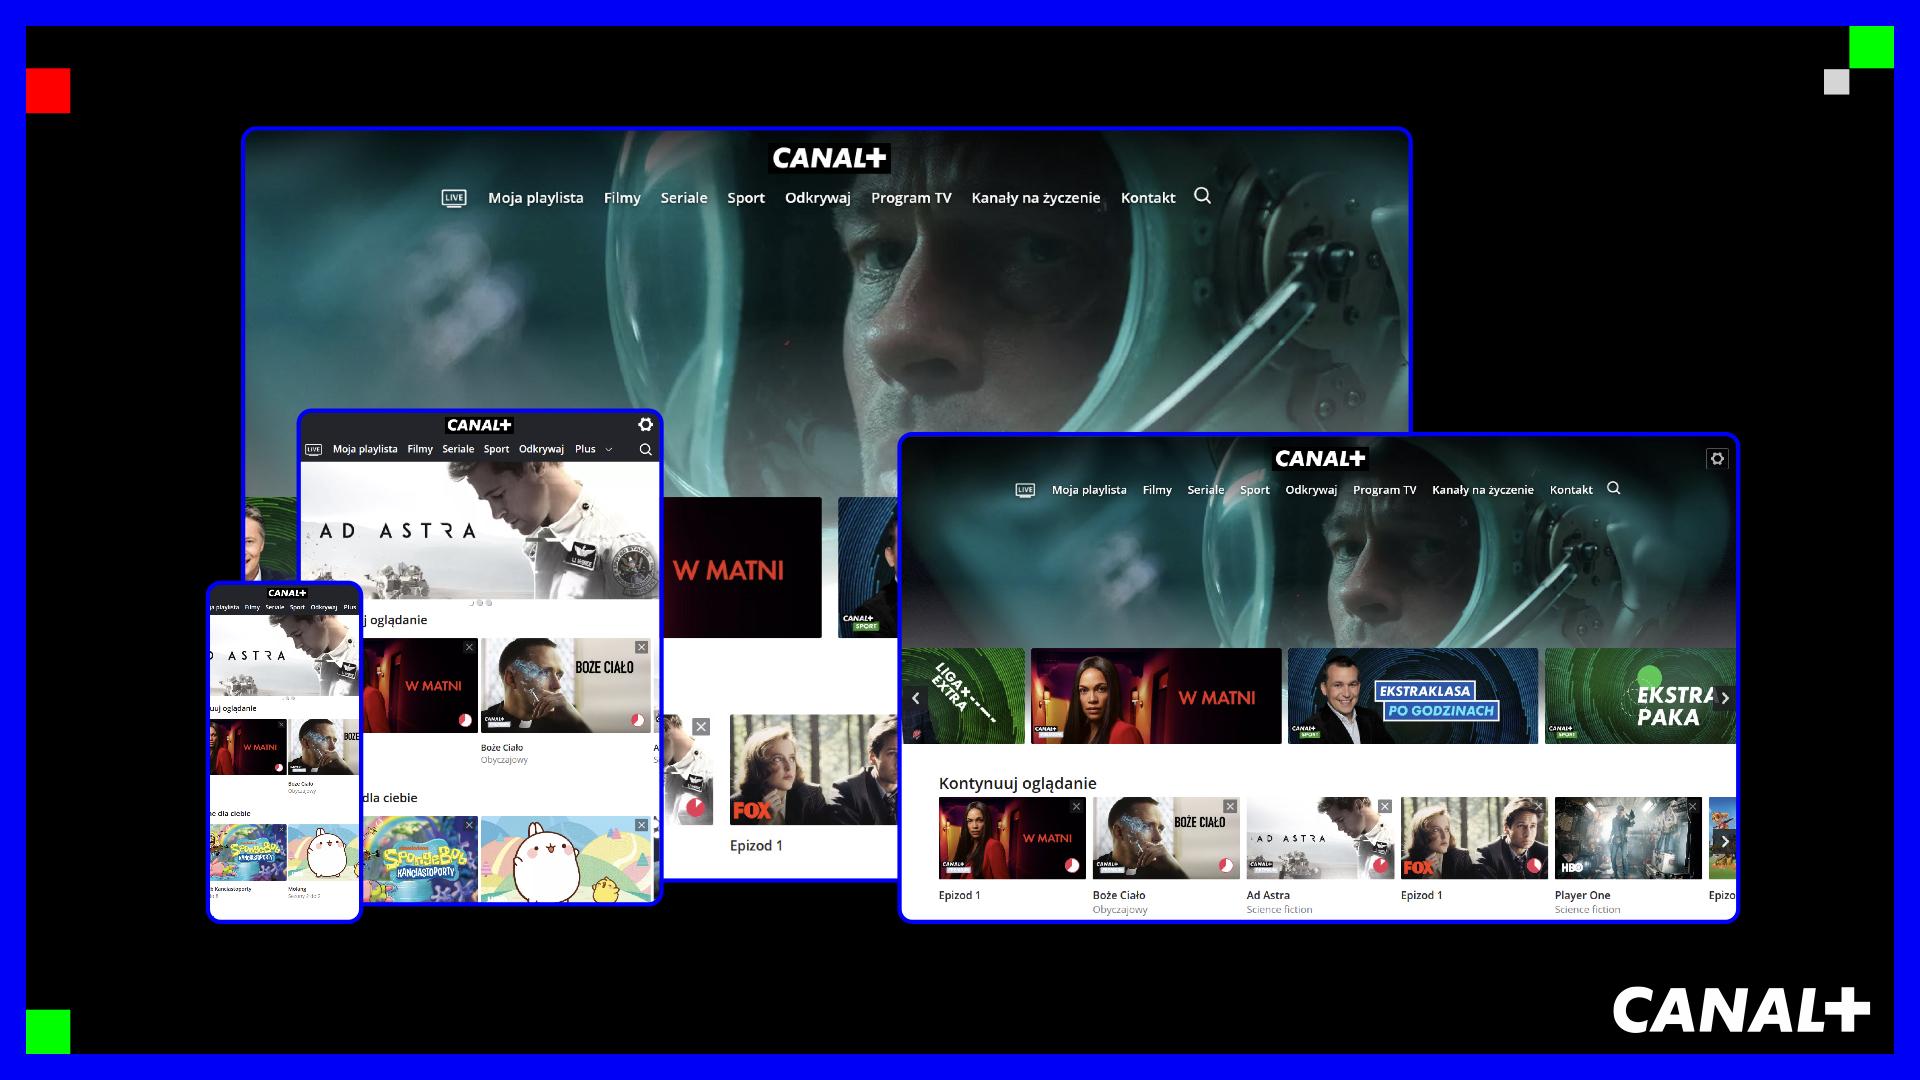 Startuje telewizja internetowa od CANAL+. Podstawa: treści najwyższej jakości 22